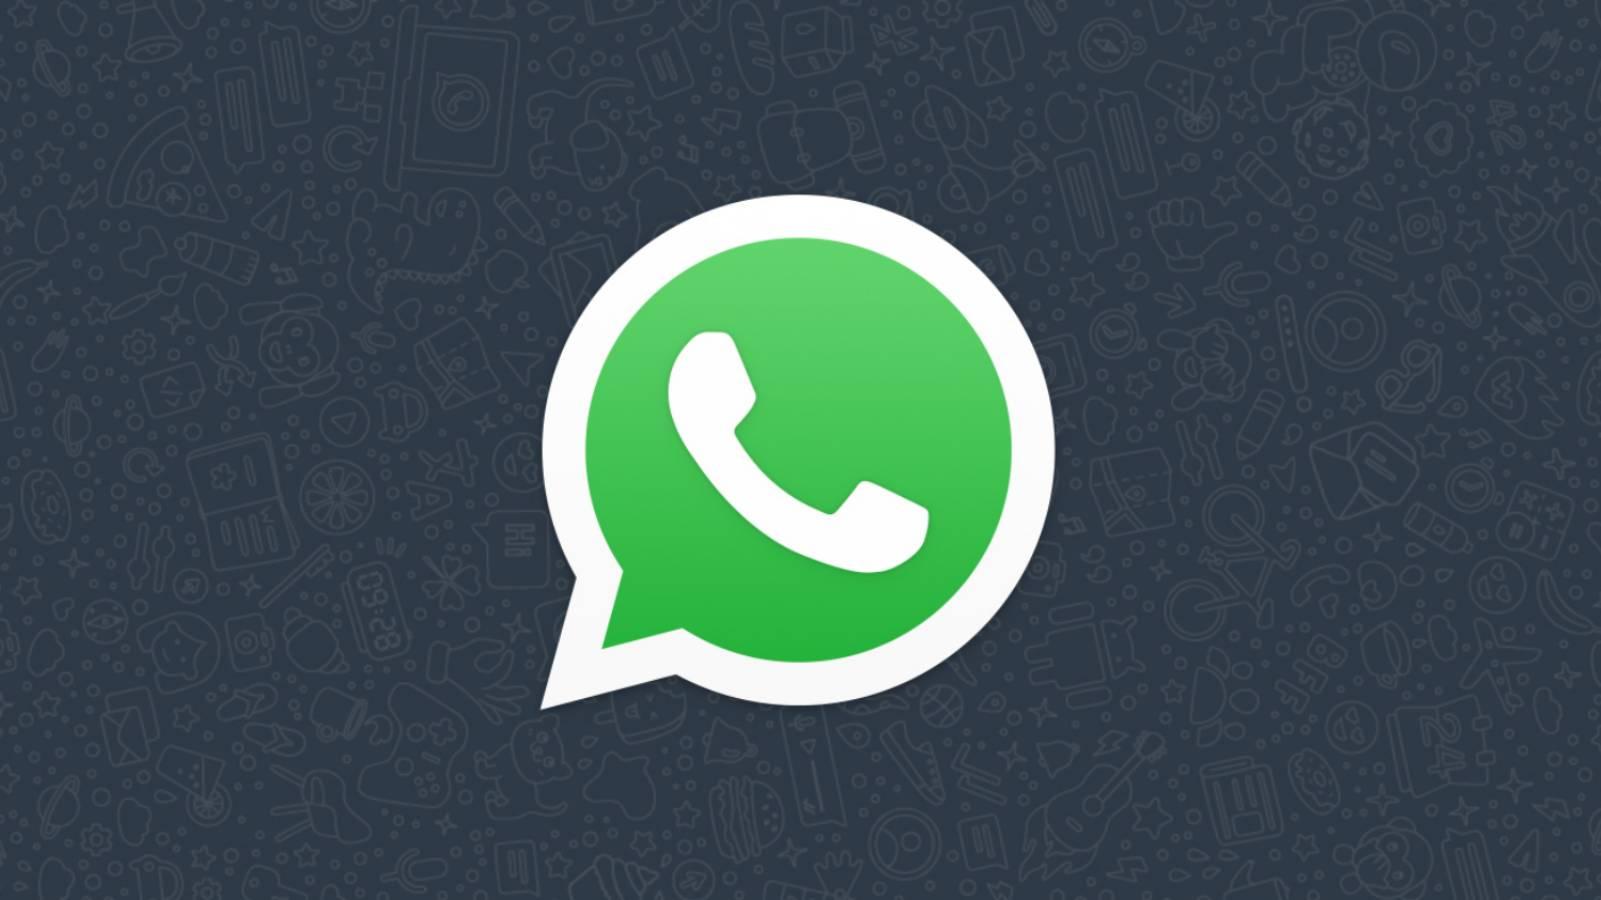 WhatsApp plan